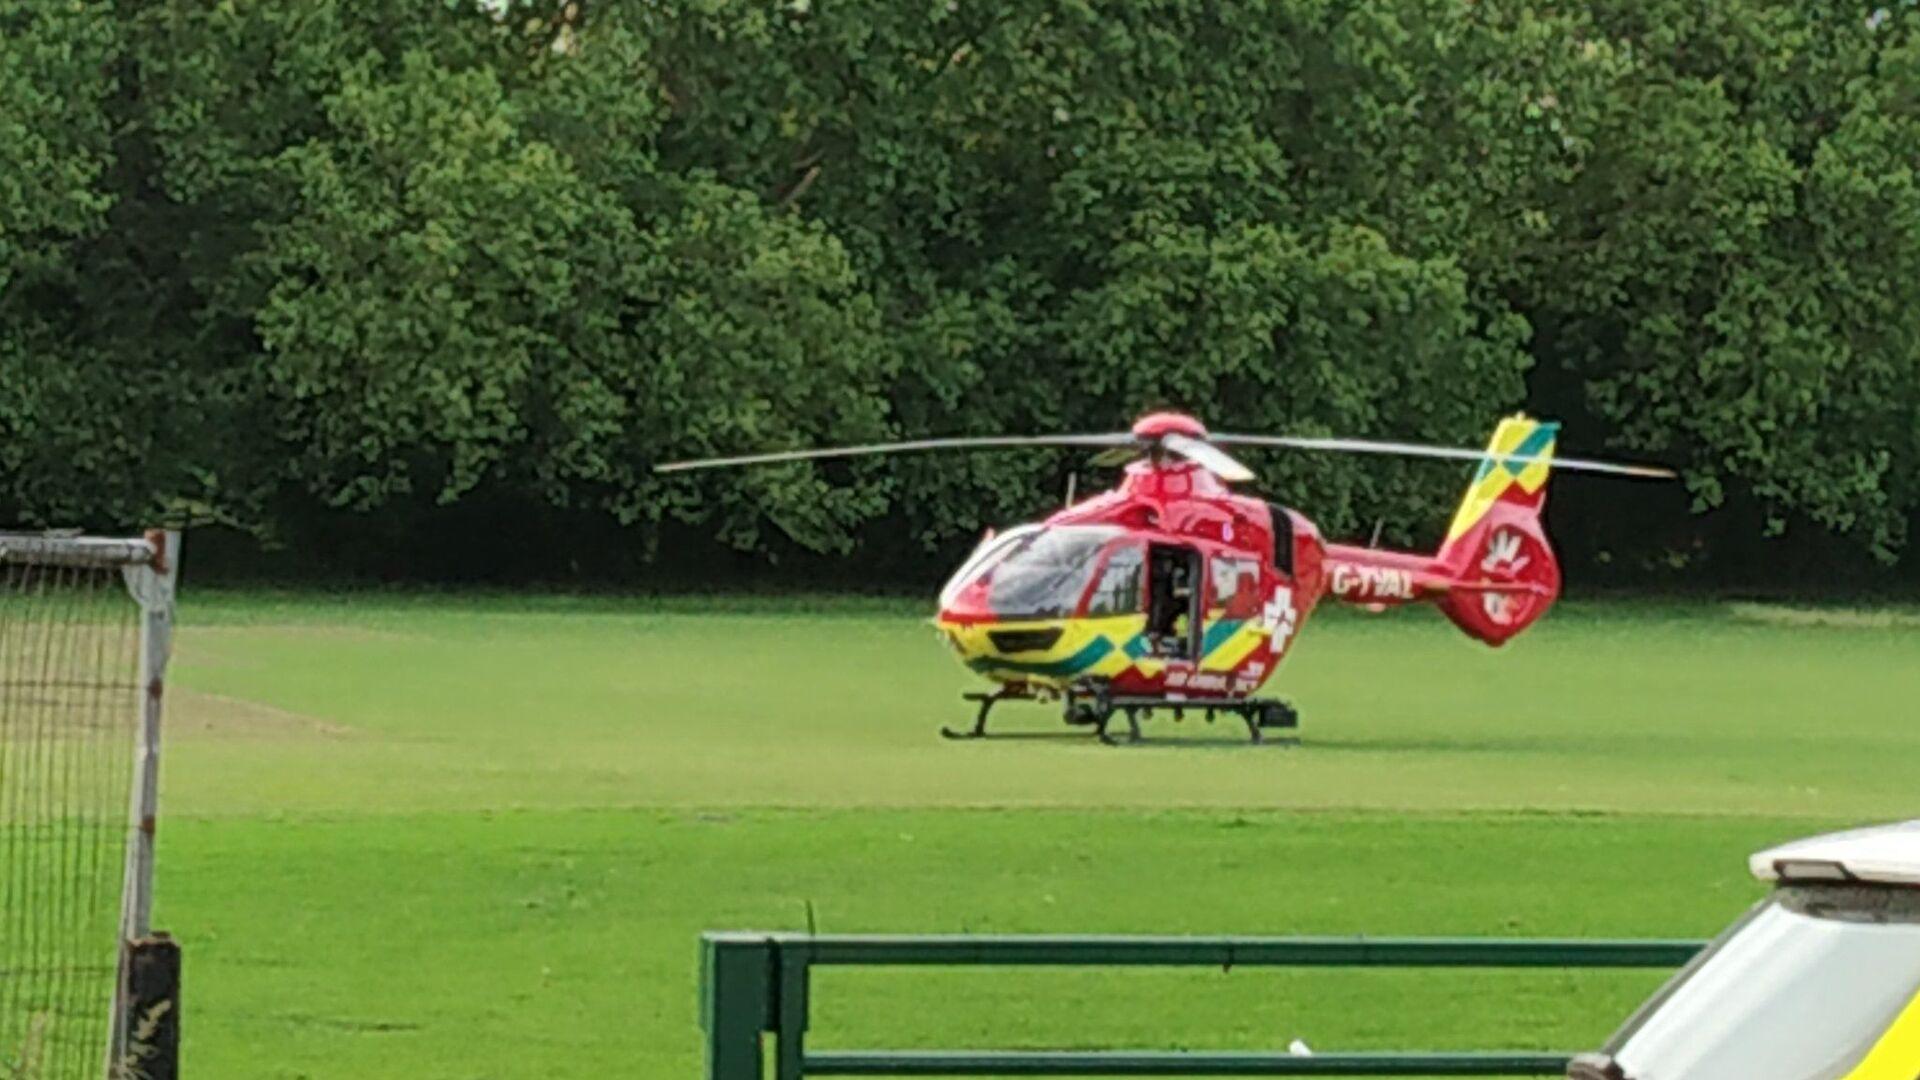 L'elicottero ambulanza a Reading Park - Sputnik Italia, 1920, 01.06.2021